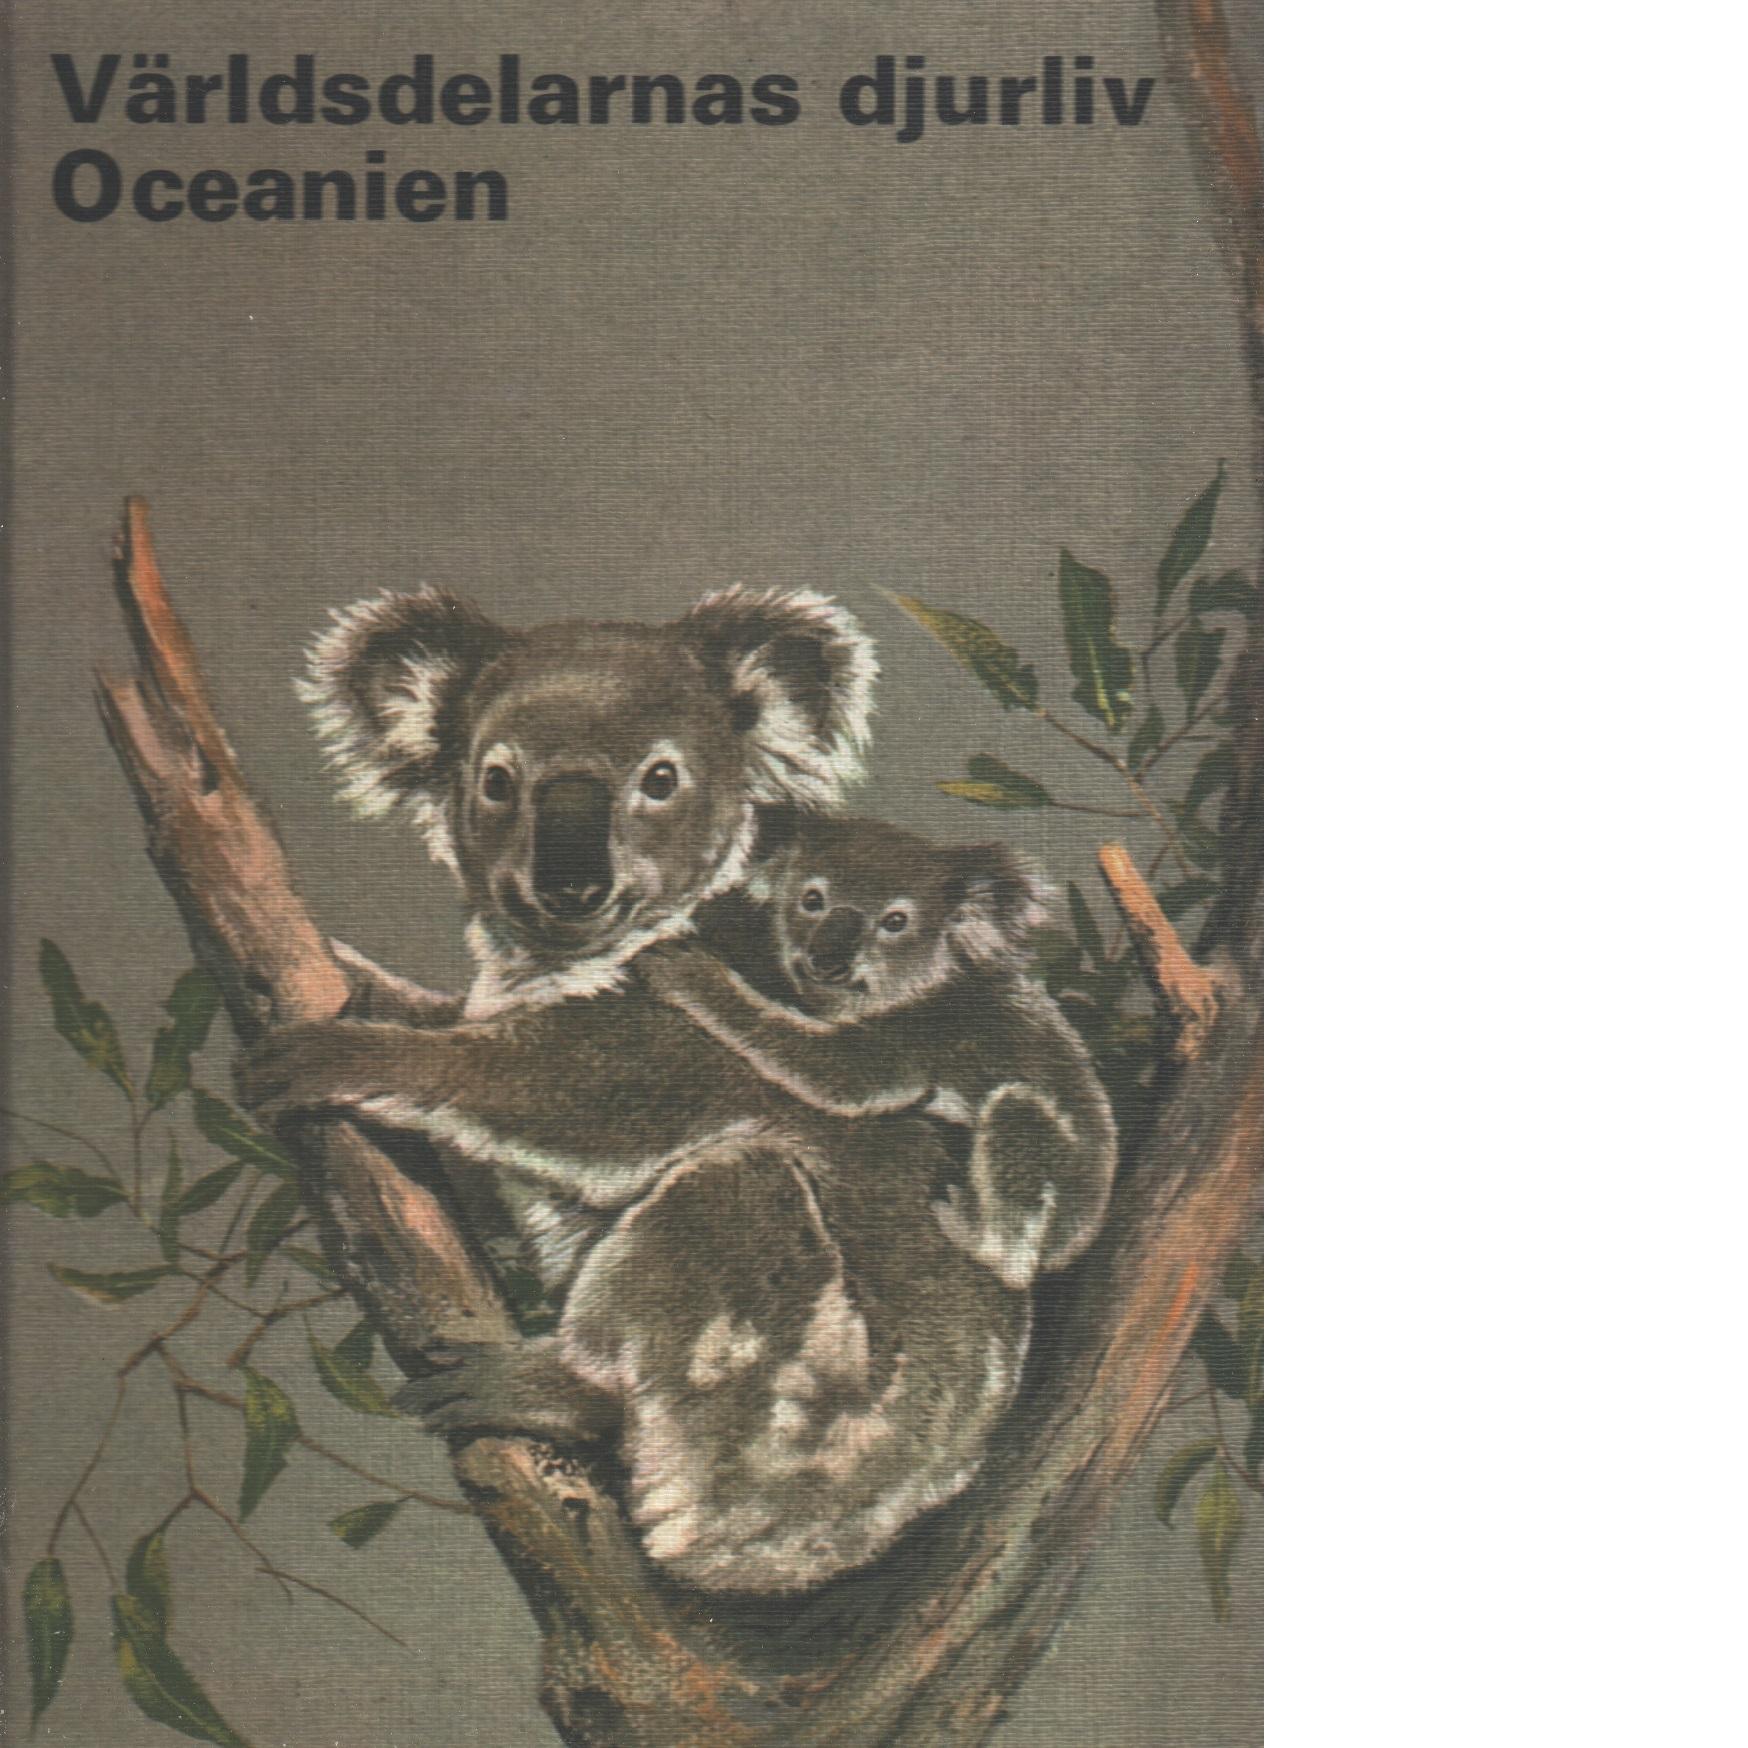 Världsdelarnas djurliv. 5, Oceanien - Dan, Peter